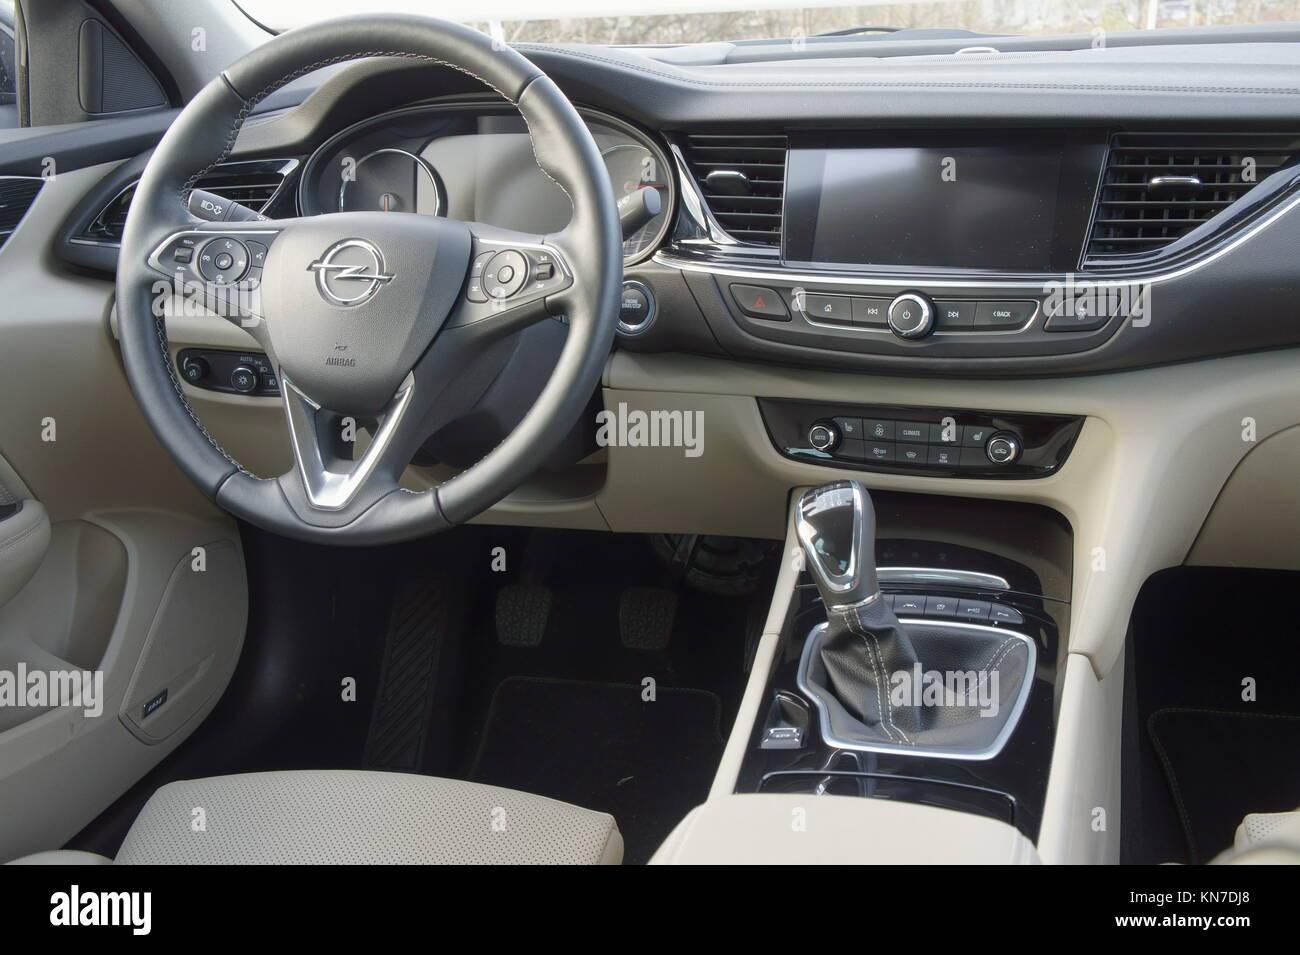 2017 Opel Insignia Grandsport 2 0 Cdti Interior Dashboard Stock Photo Alamy